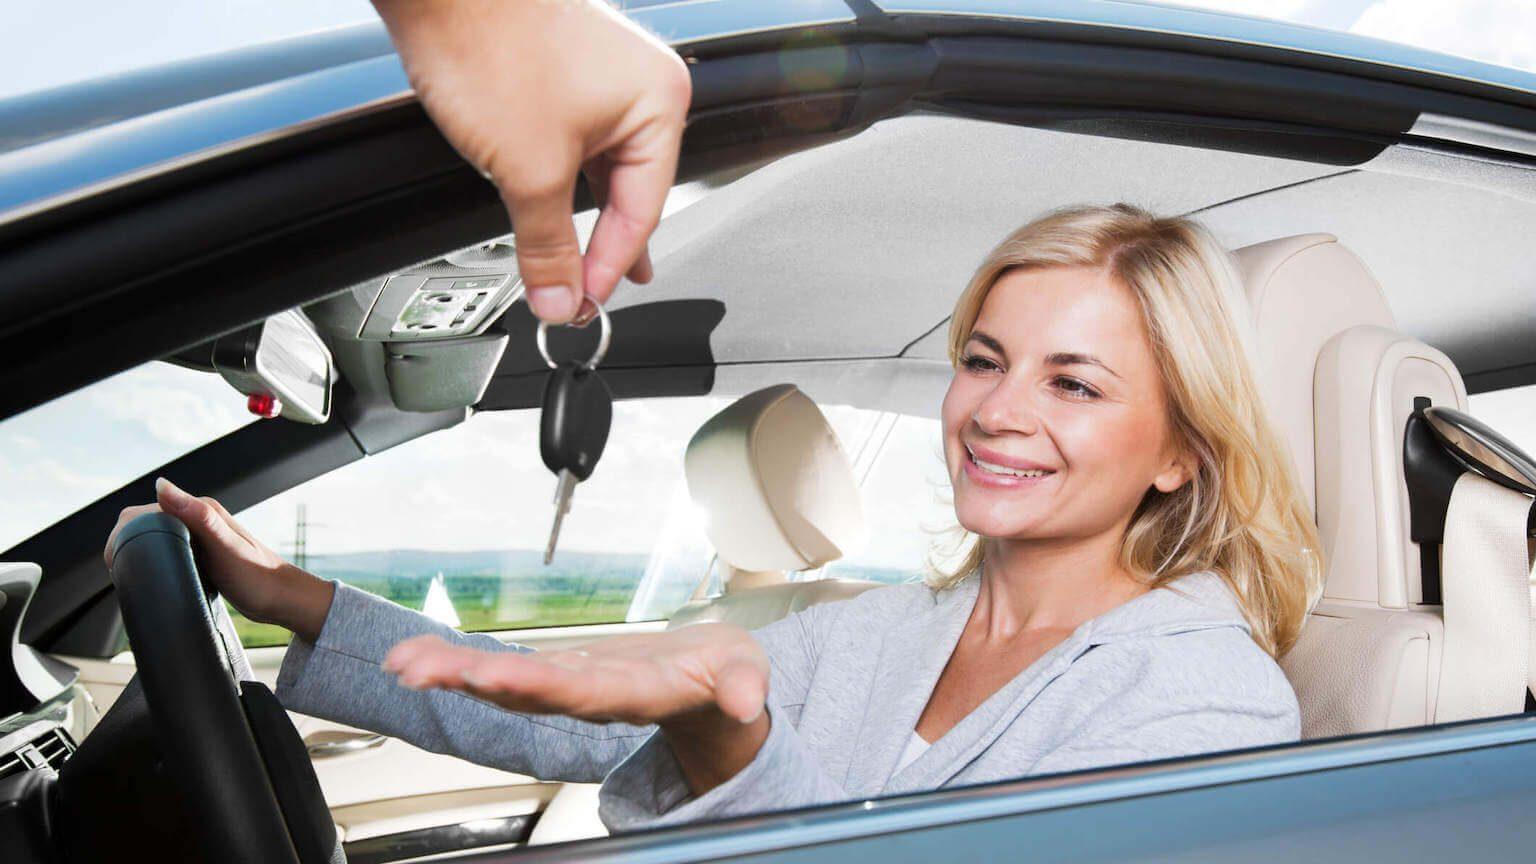 Woman receiving keys in a new car